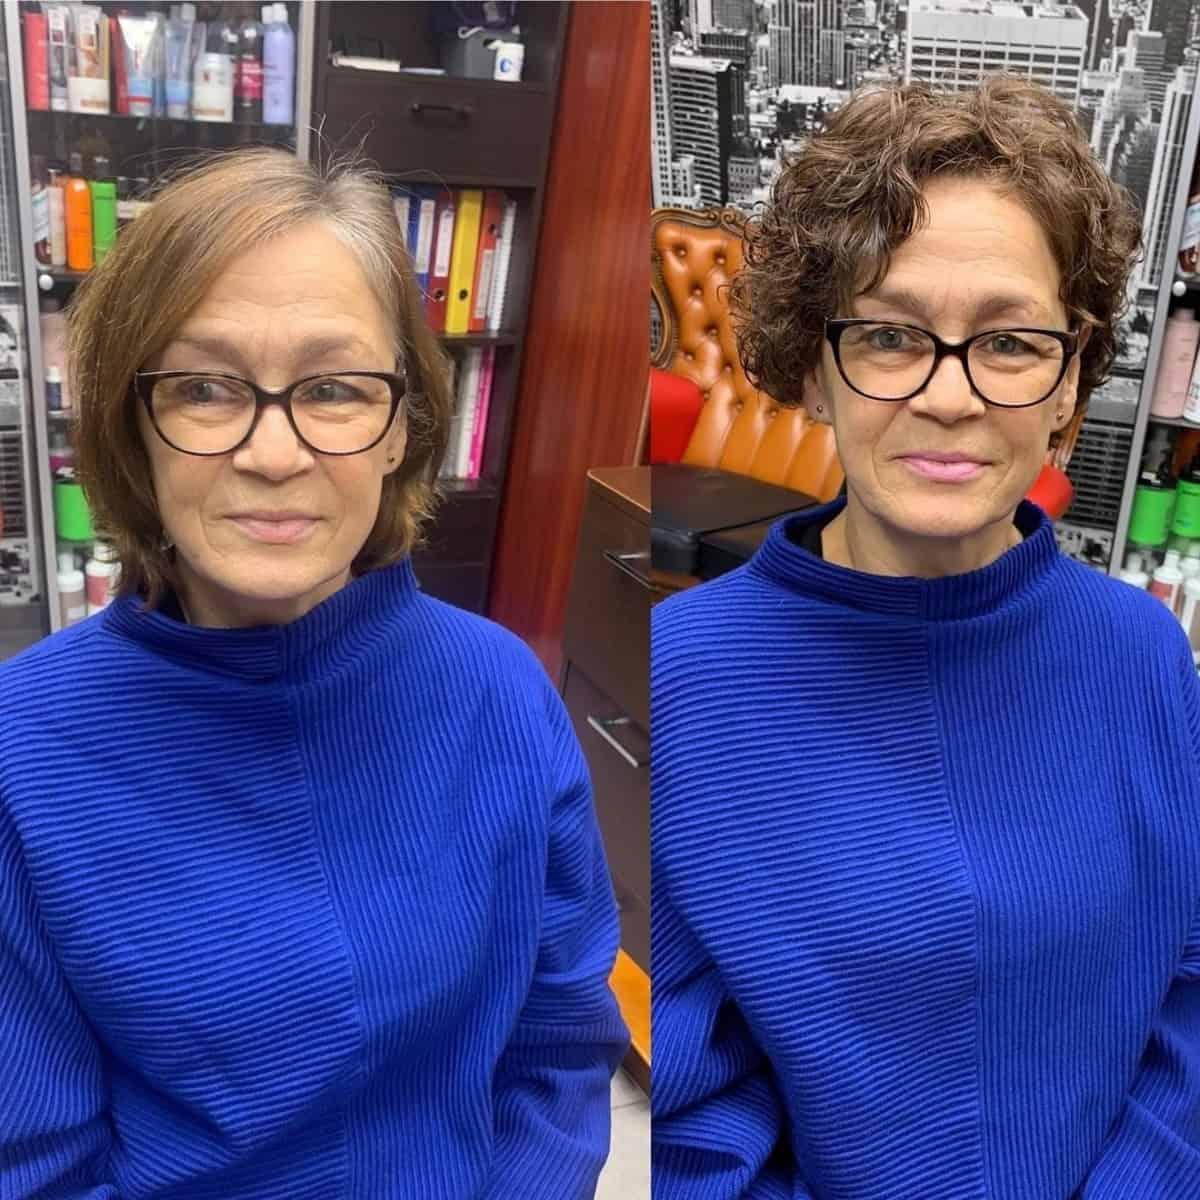 Pixie ondulé pour les femmes de plus de 60 ans